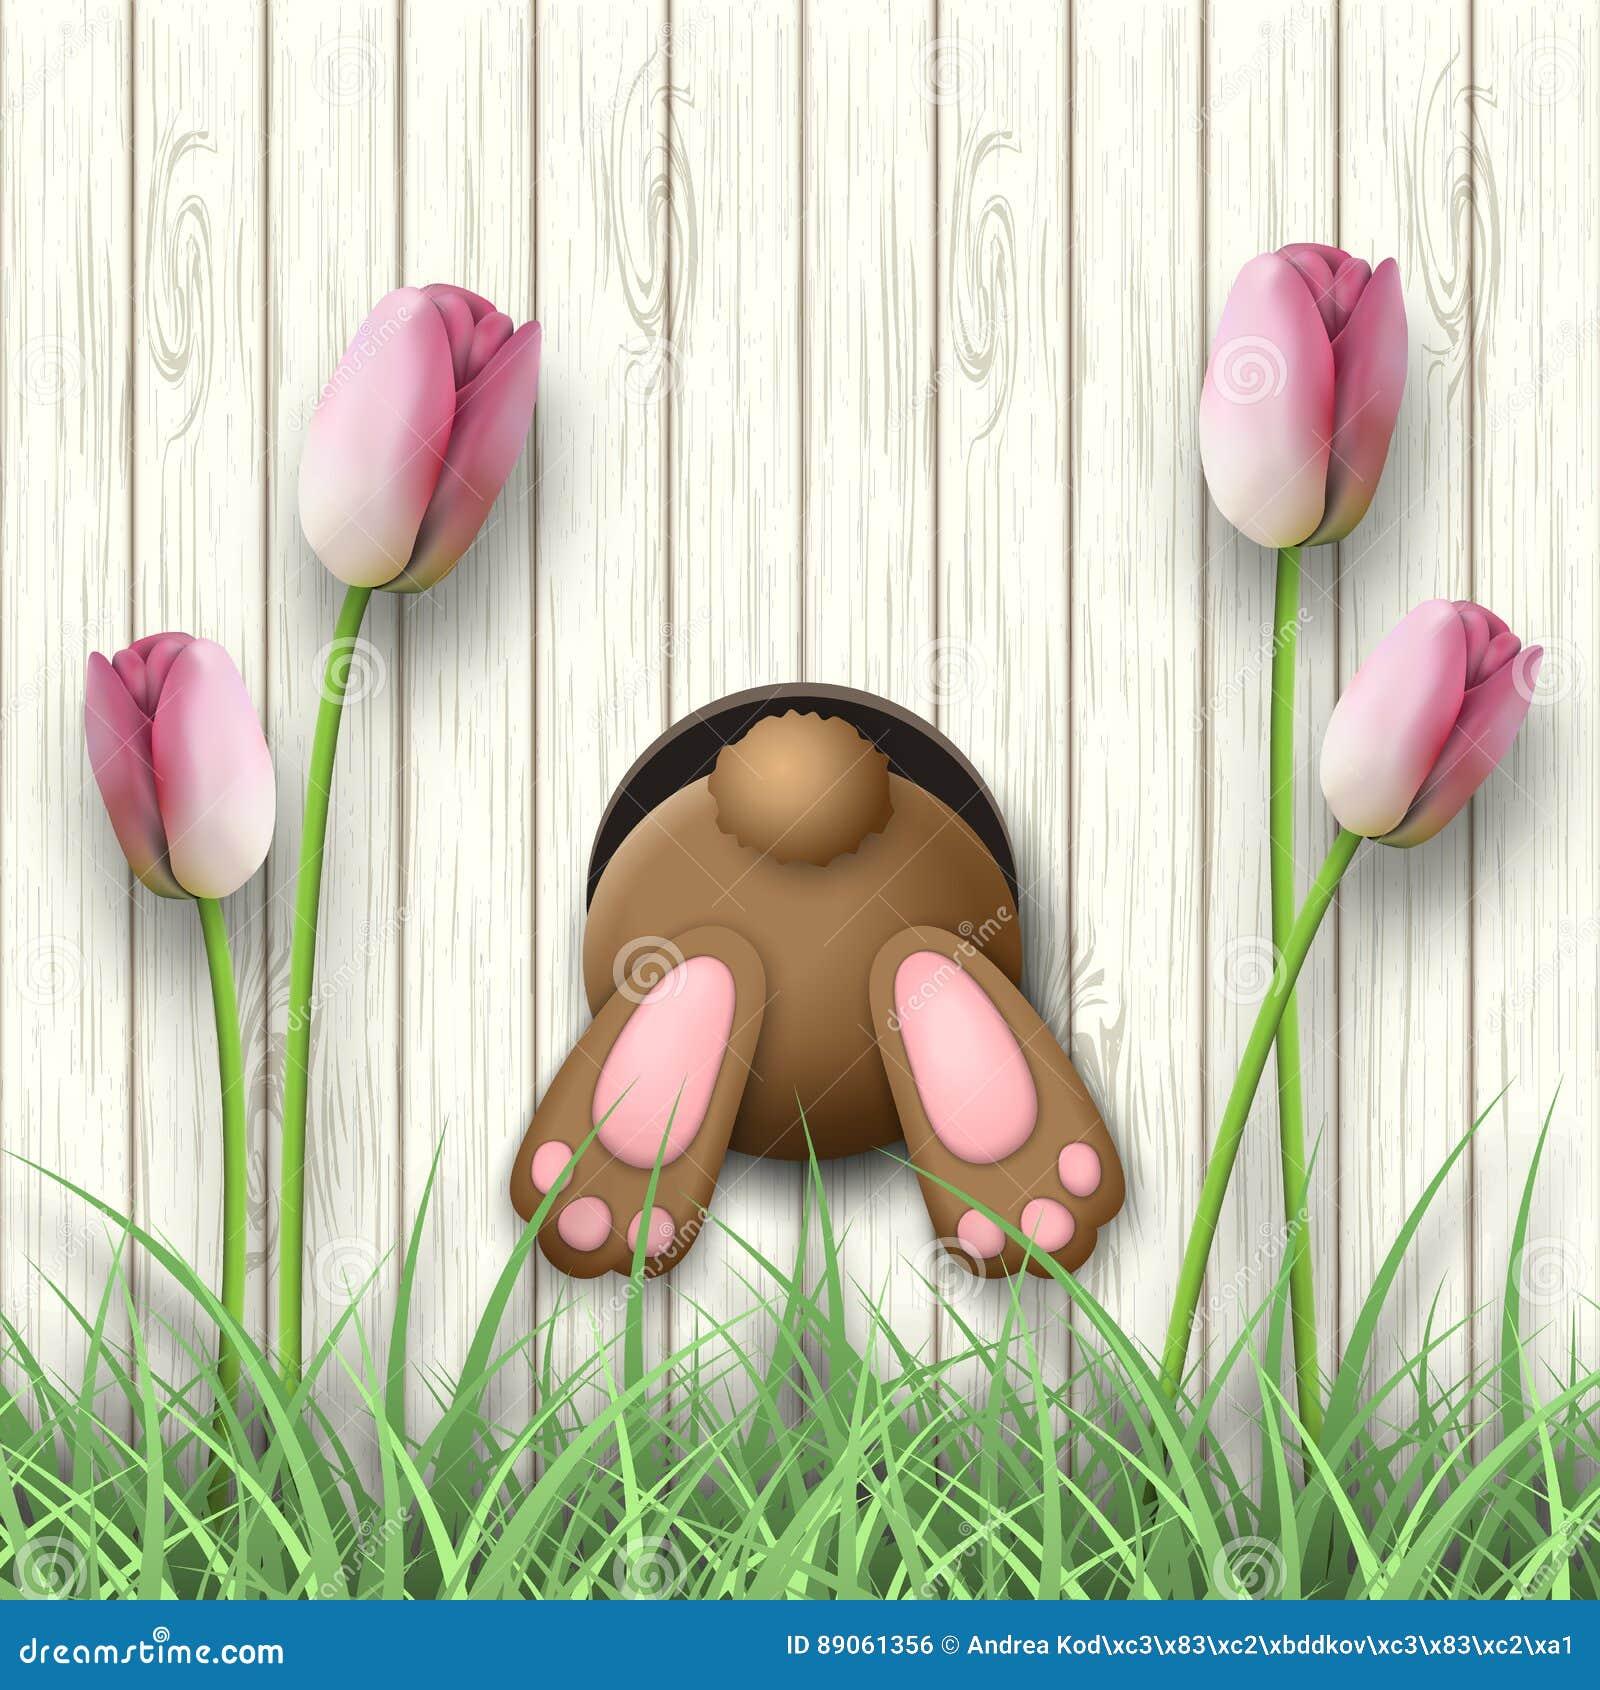 Påskbevekelsegrund, kaninbotten, rosa tulpan och nytt gräs på vit träbakgrund, illustration